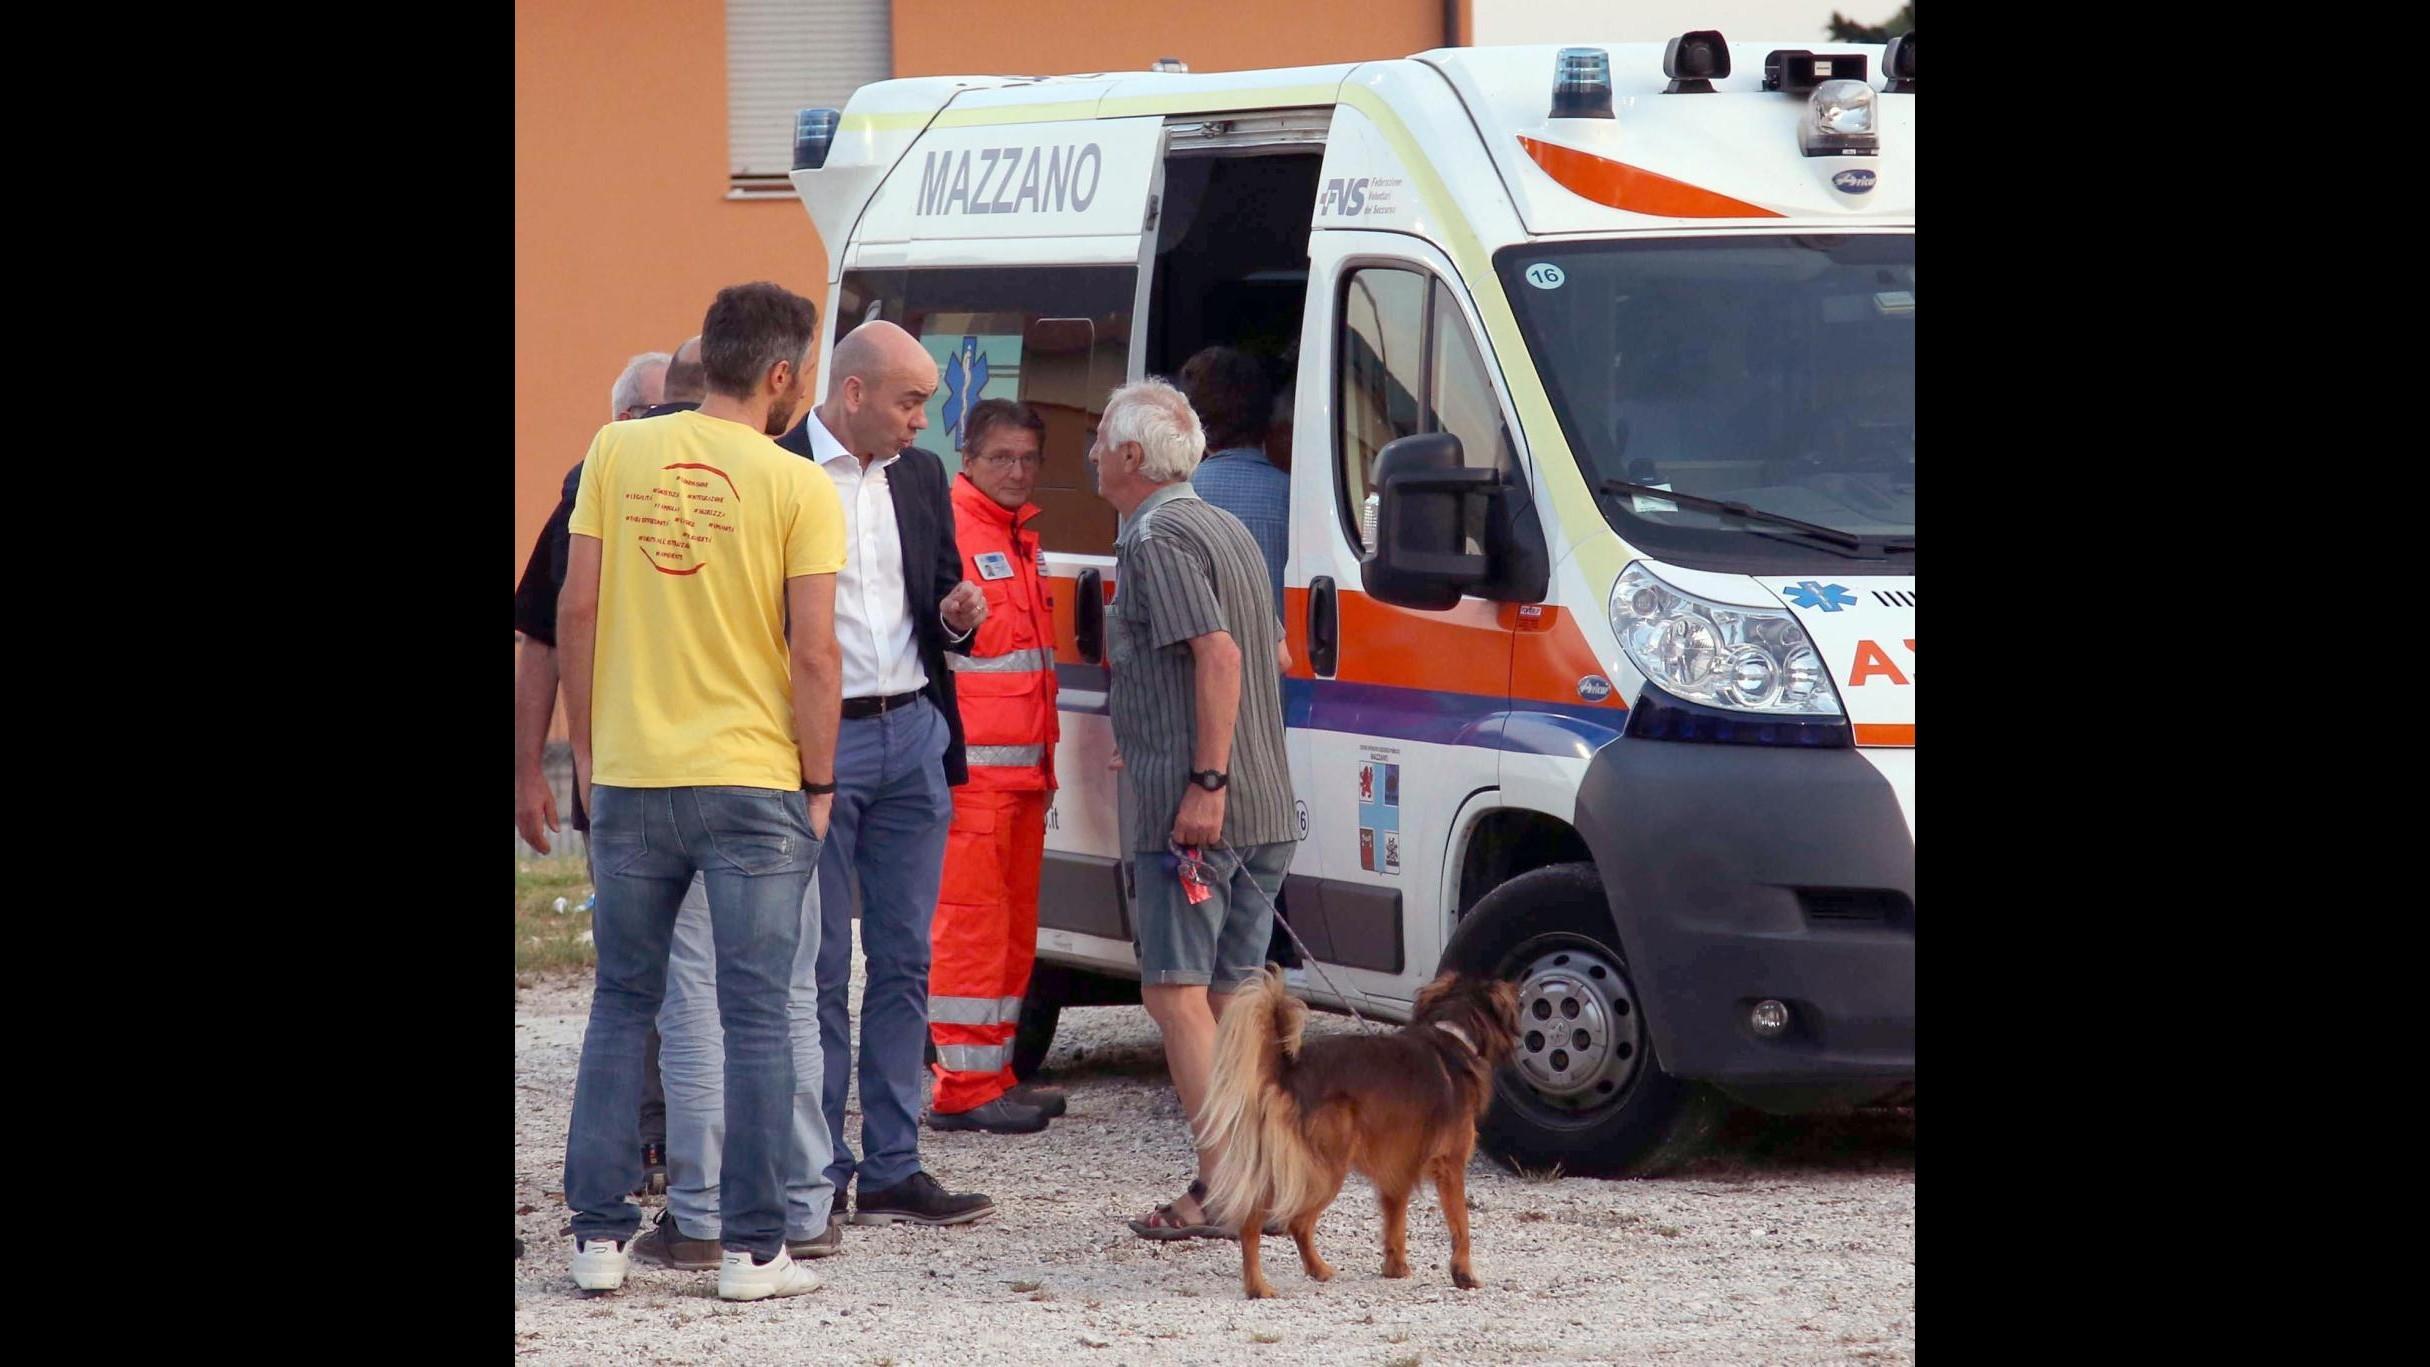 FOTO Veltroni morso da un cane alla Festa dell'Unità